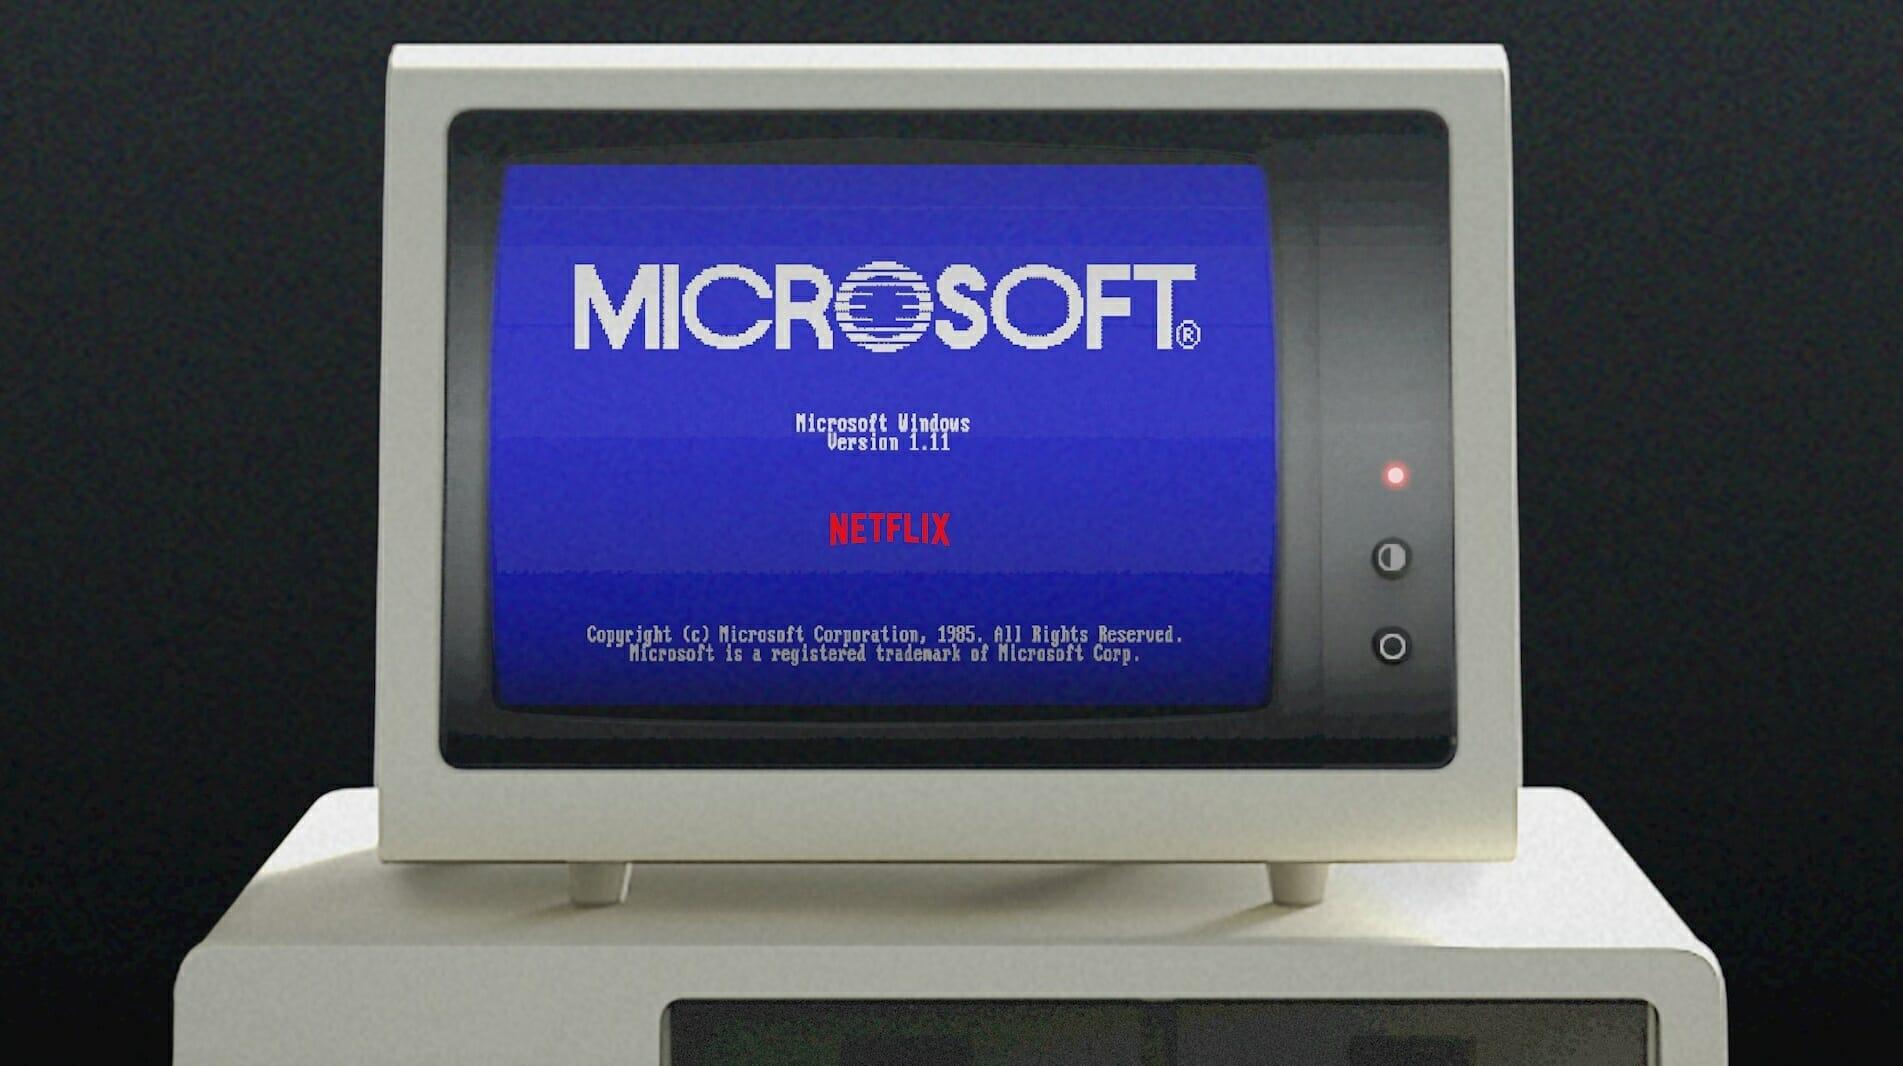 Microsoft, nostaljisini yeniden yaşıyor Windows 1.0'da ran Stranger Things' uygulamasıyla 1